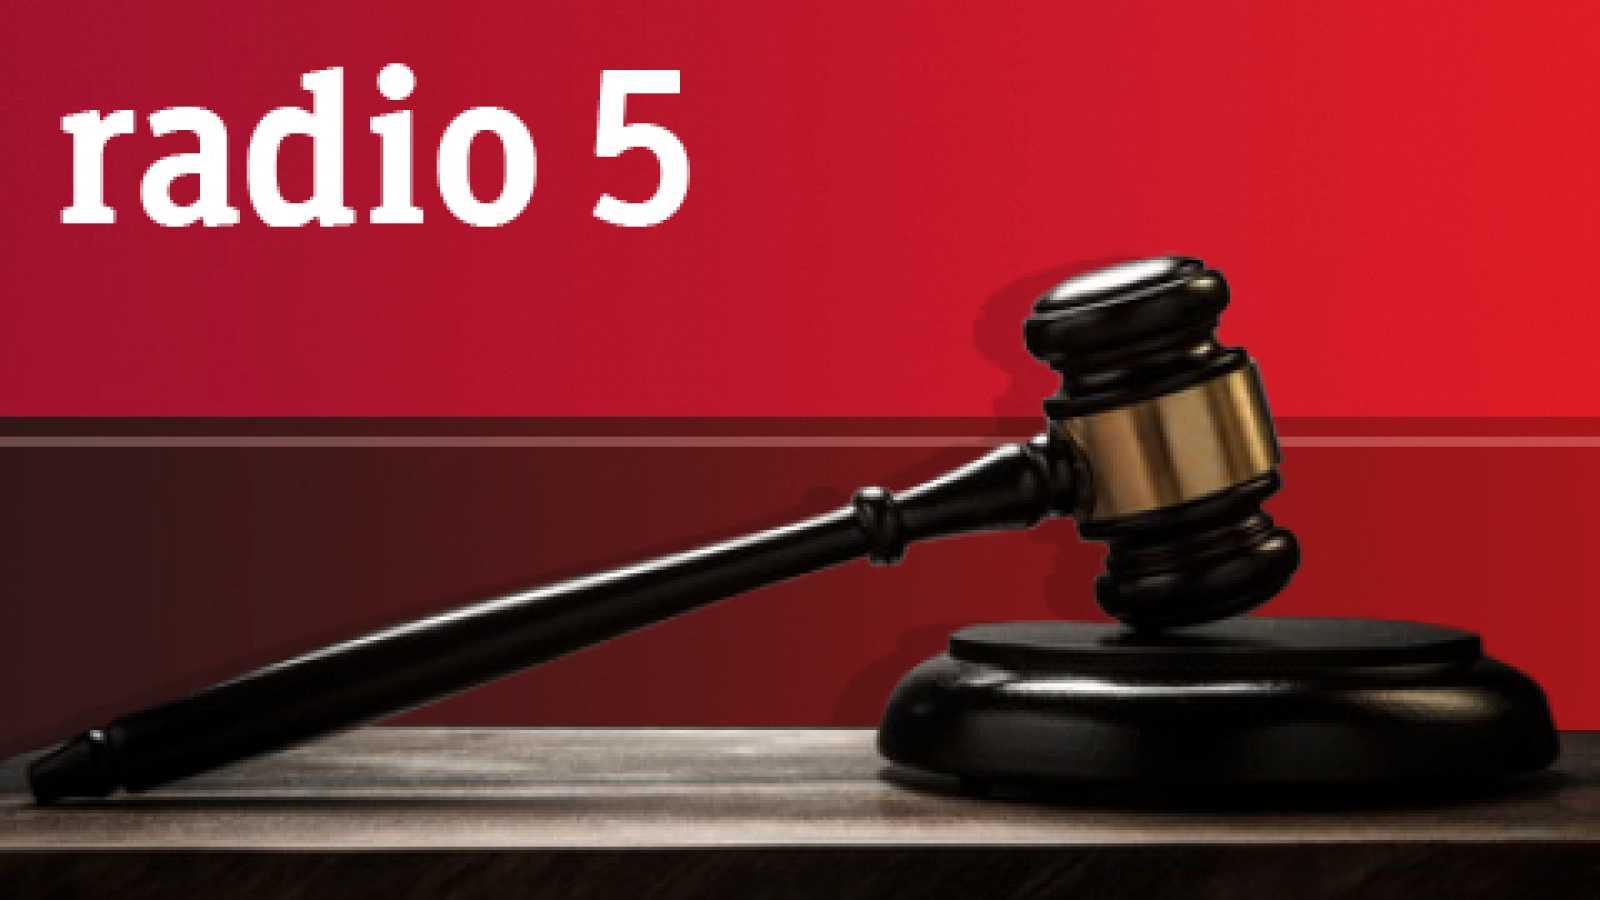 La ley es la ley - ¿Qué es un contrato? - 01/11/18 - escuchar ahora